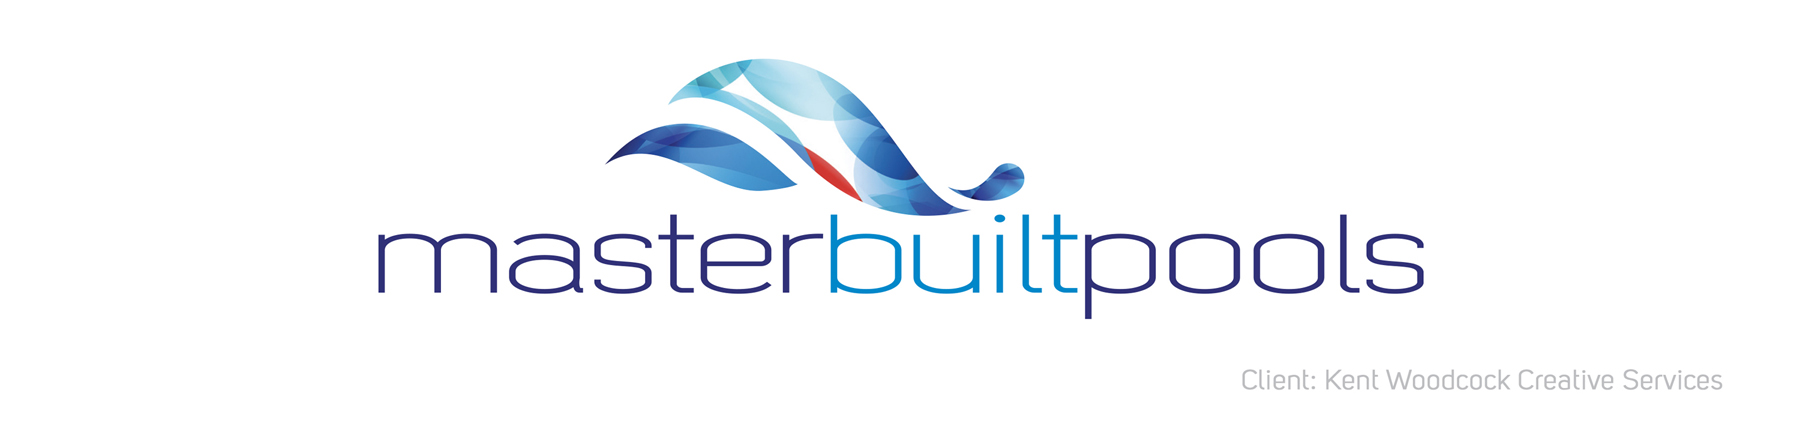 Master Built Pools Logo Banner